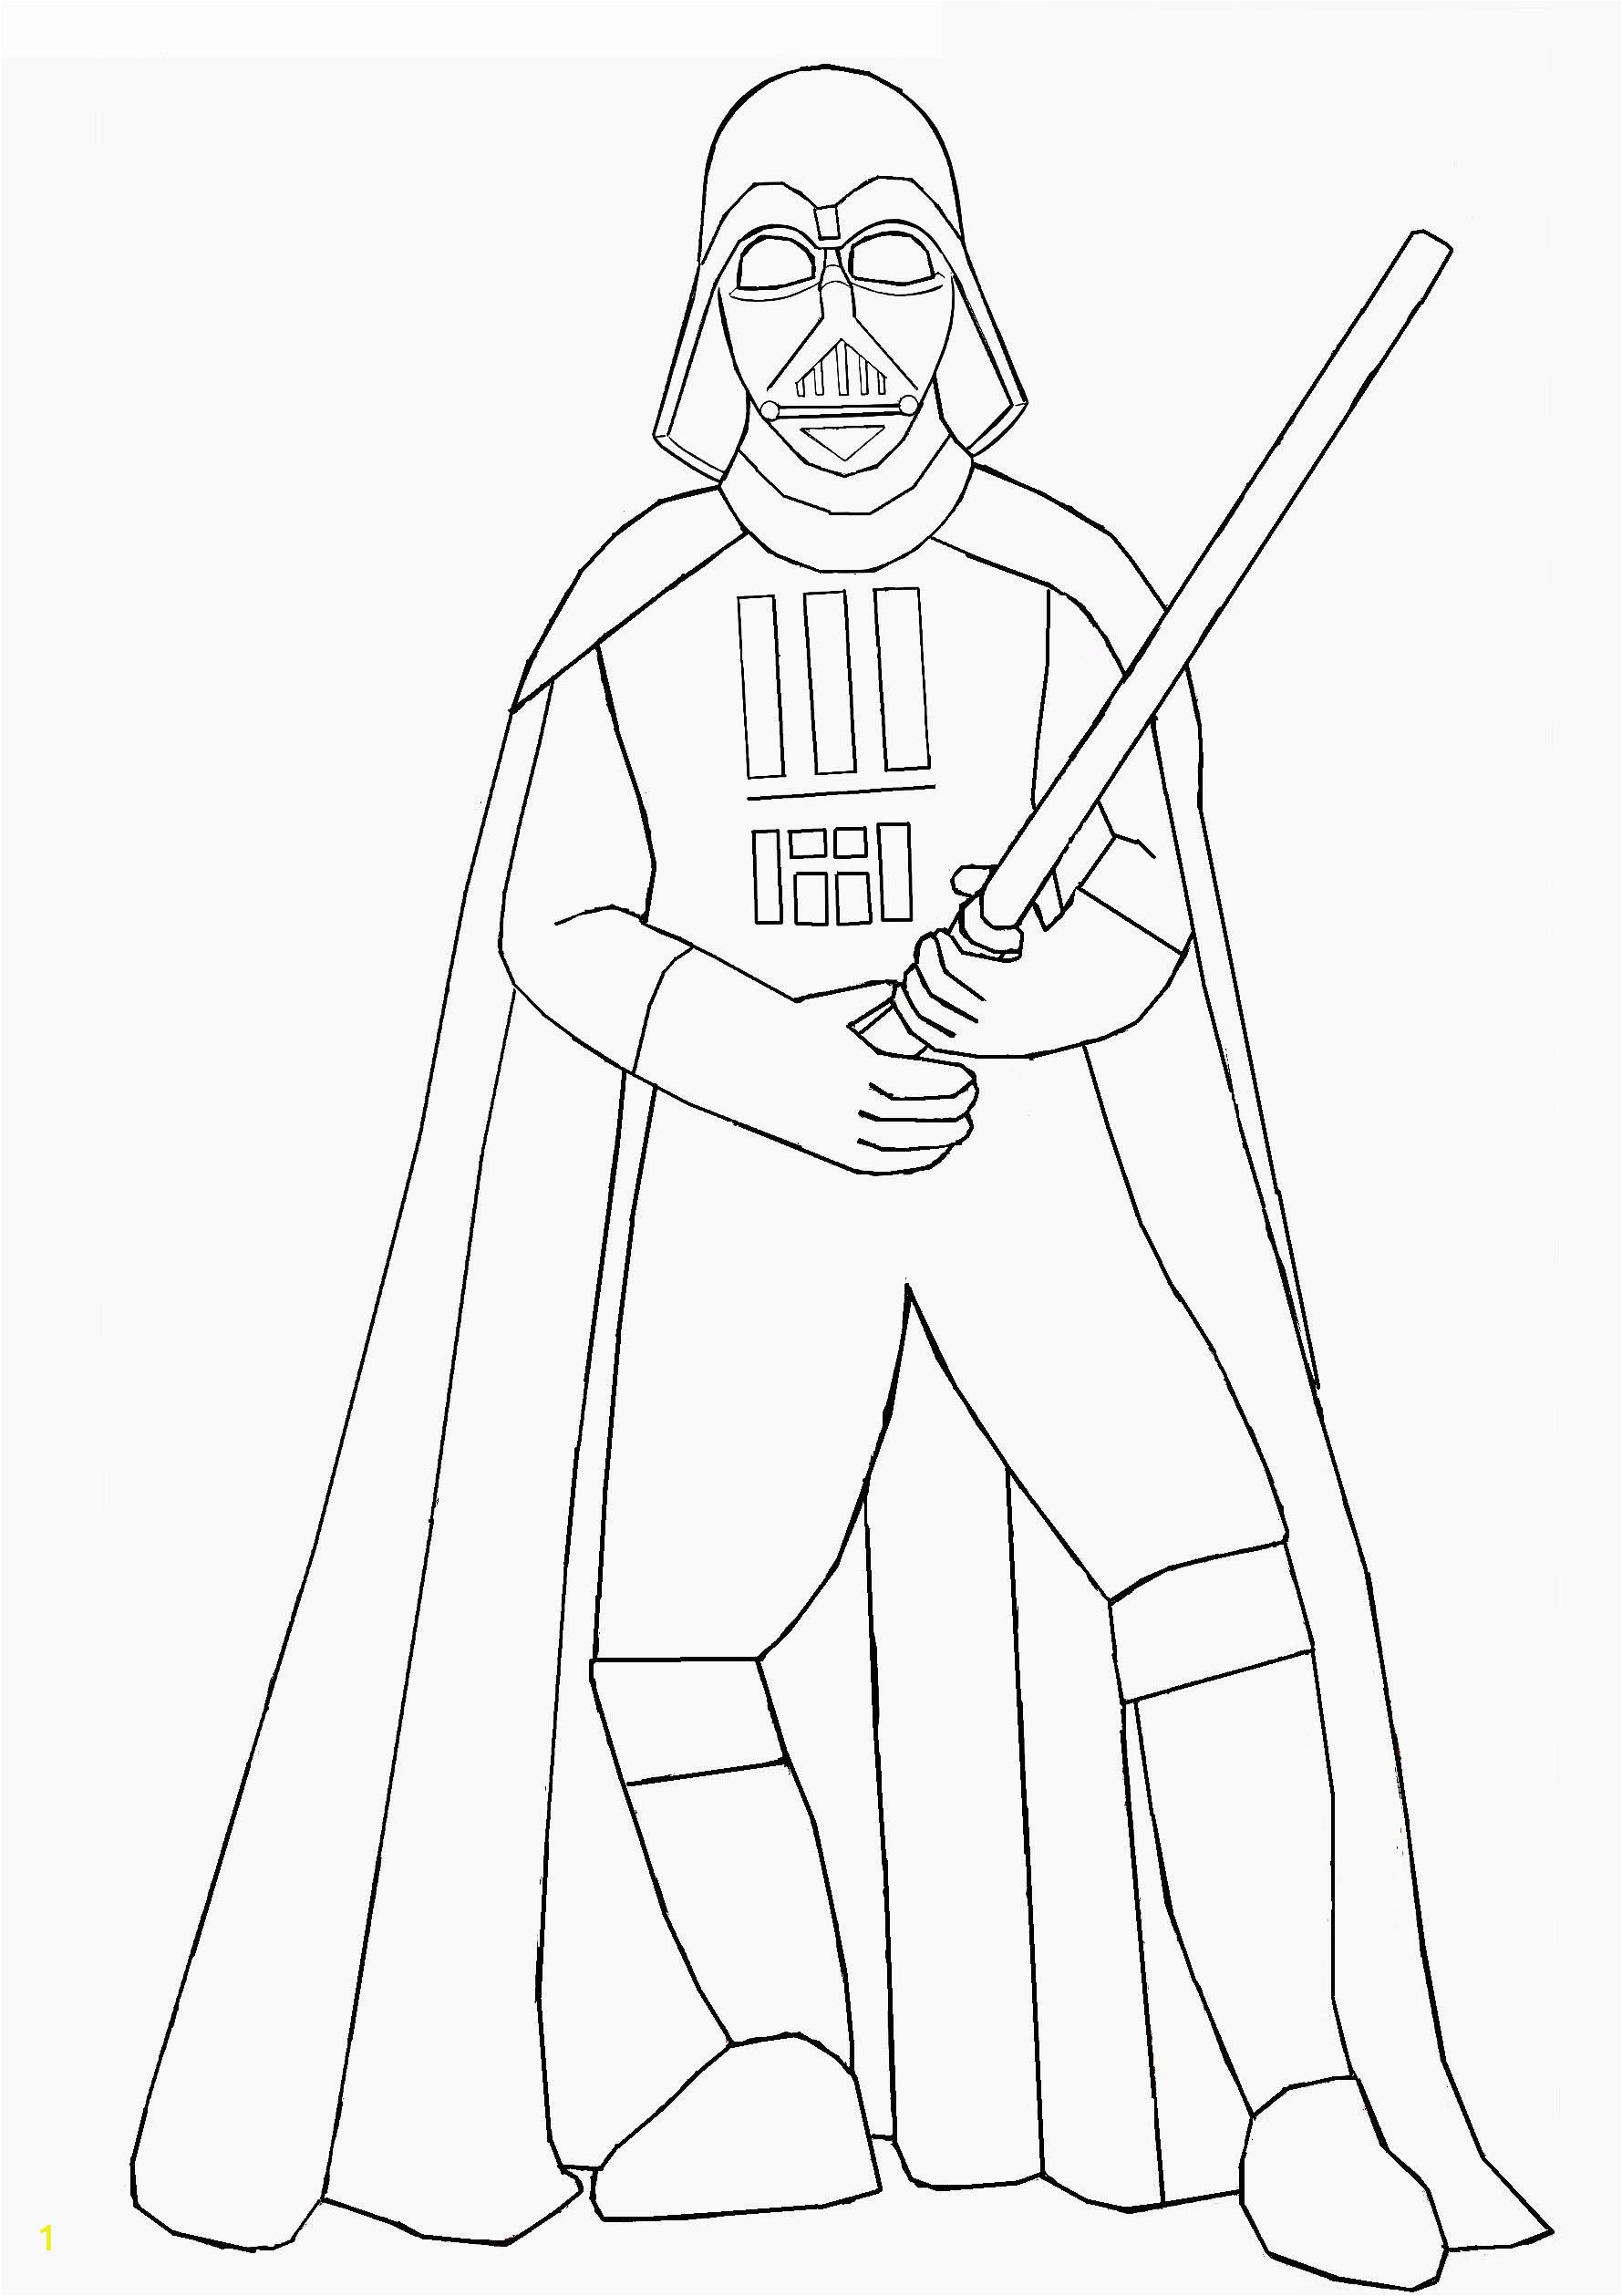 Darth Vader Holding Lightsaber